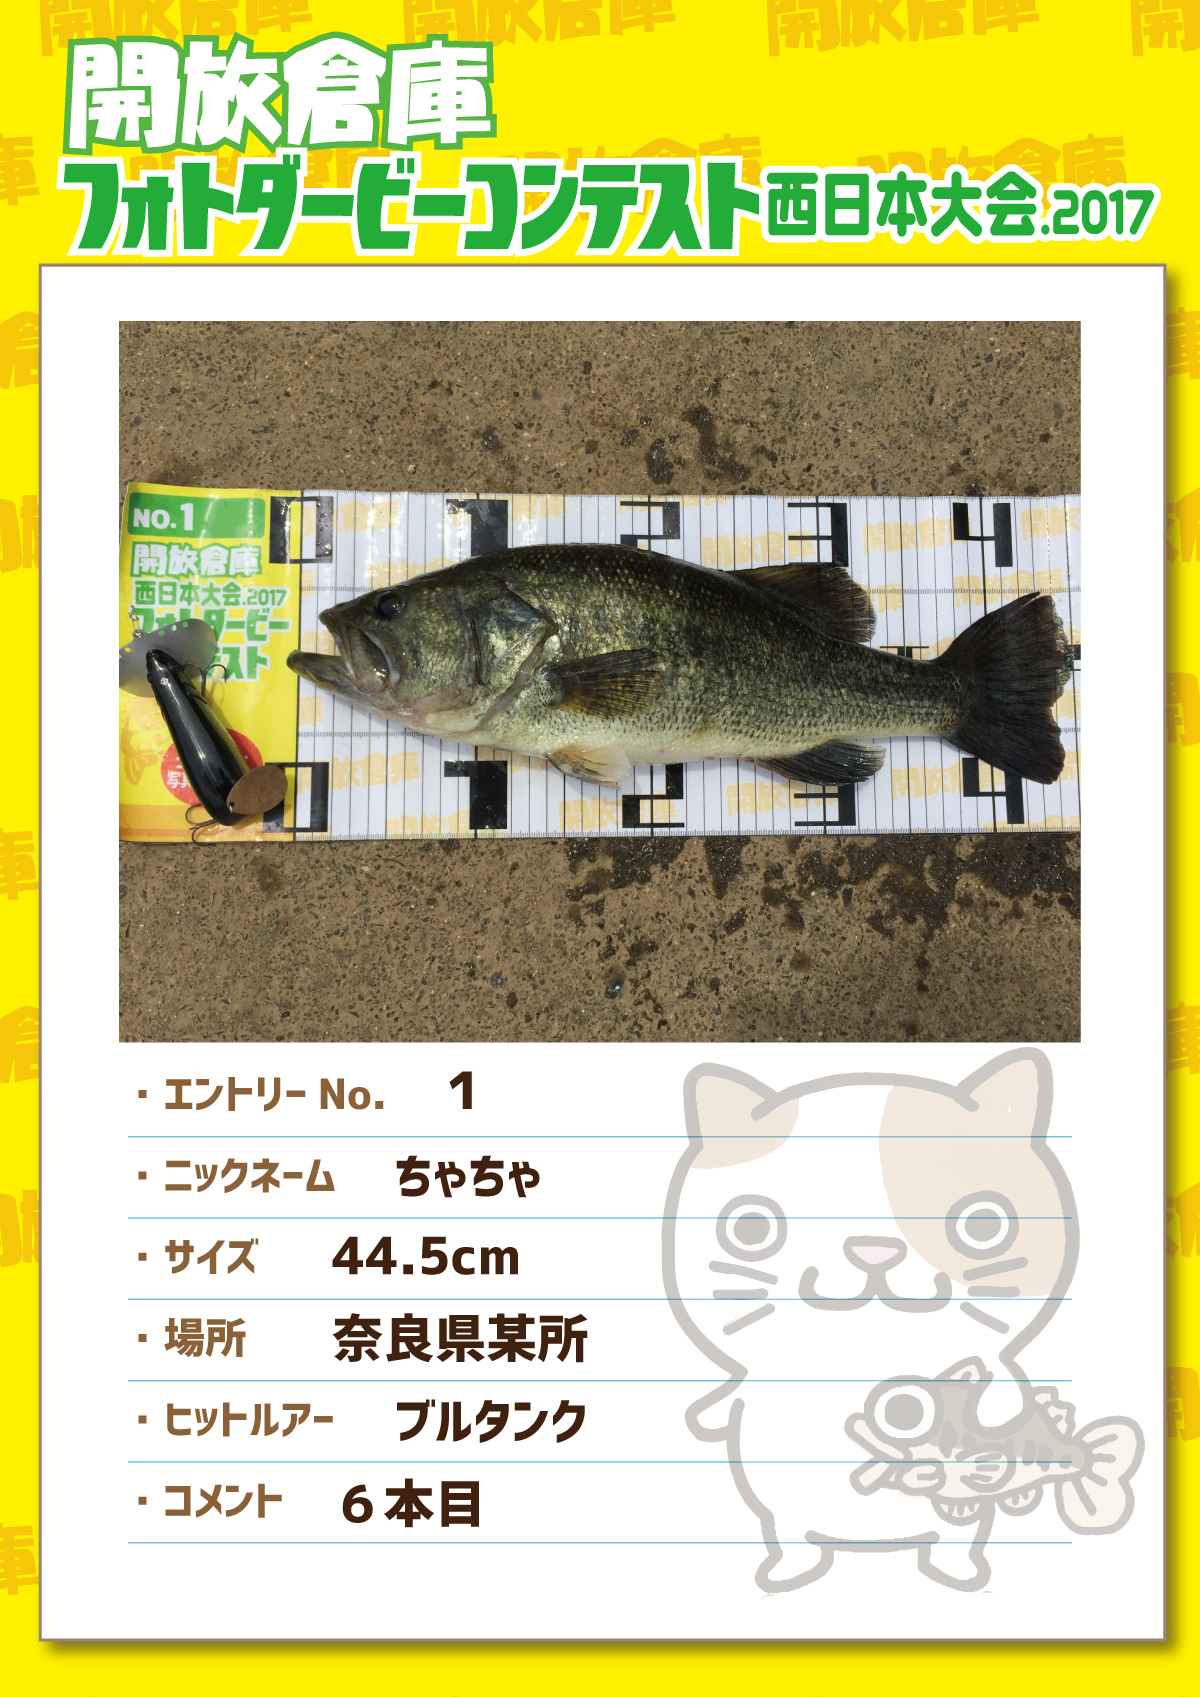 No.1 ちゃちゃ 44.5cm 奈良県某所 ブルタンク 6本目